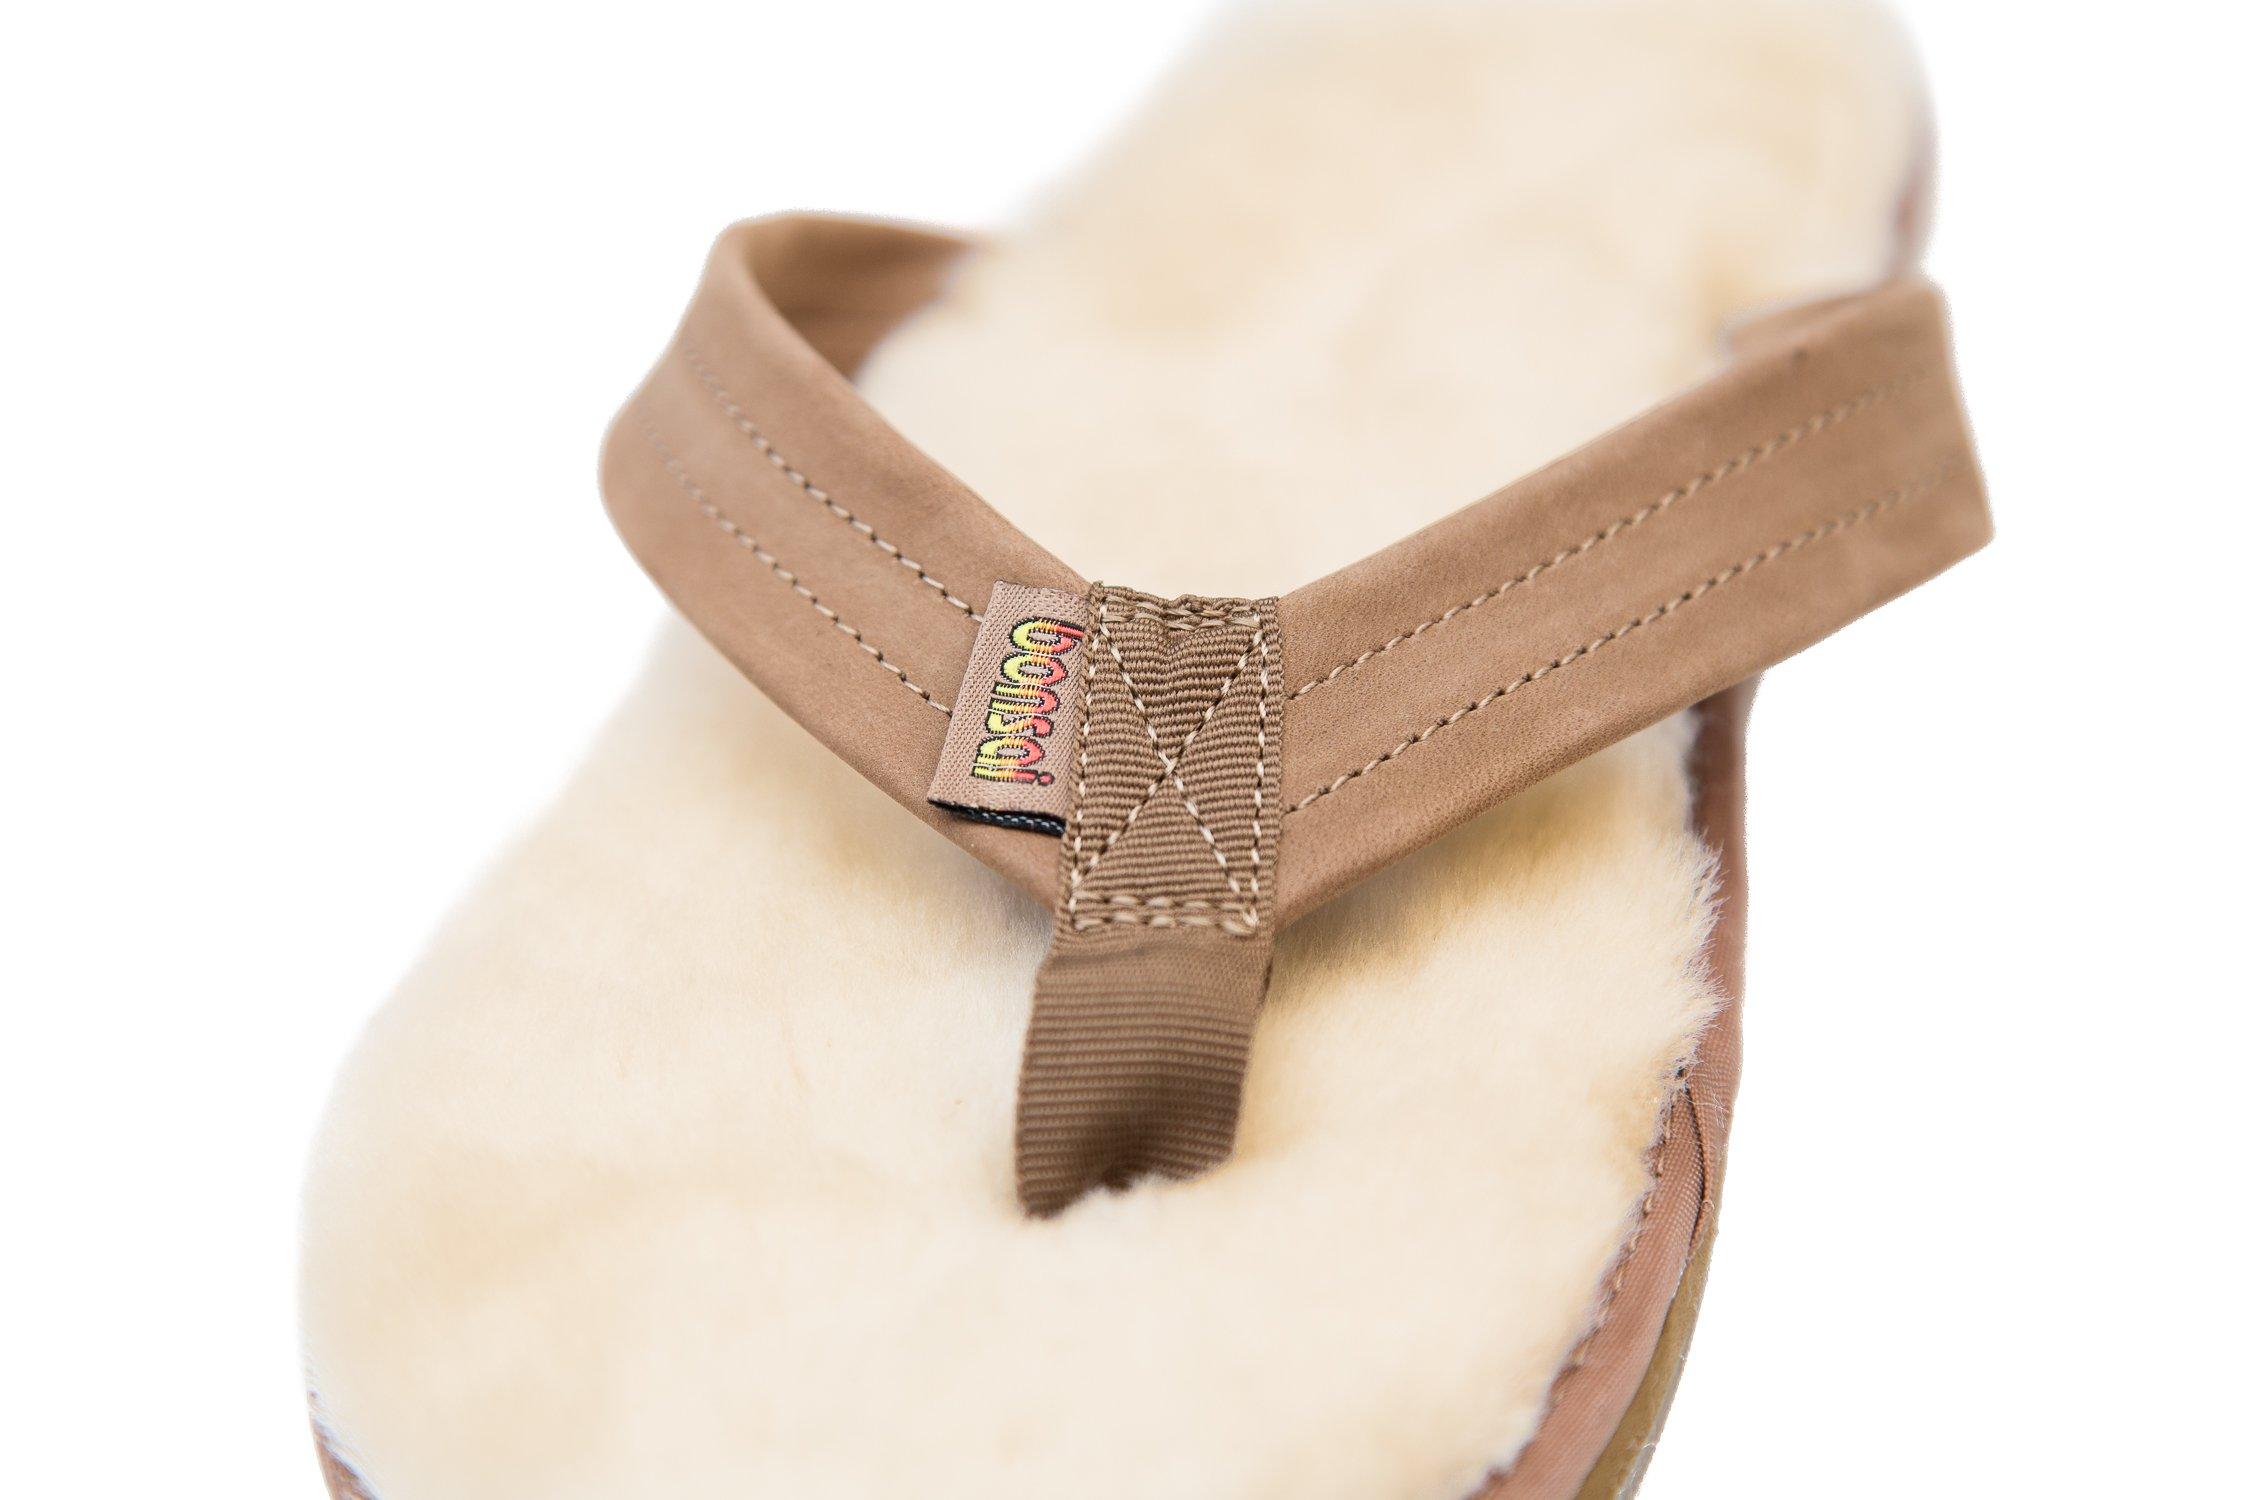 Bonsai Men's Sheepskin Sandal Flip Flops, Brown, 12 US by Bonsai Sandals (Image #6)